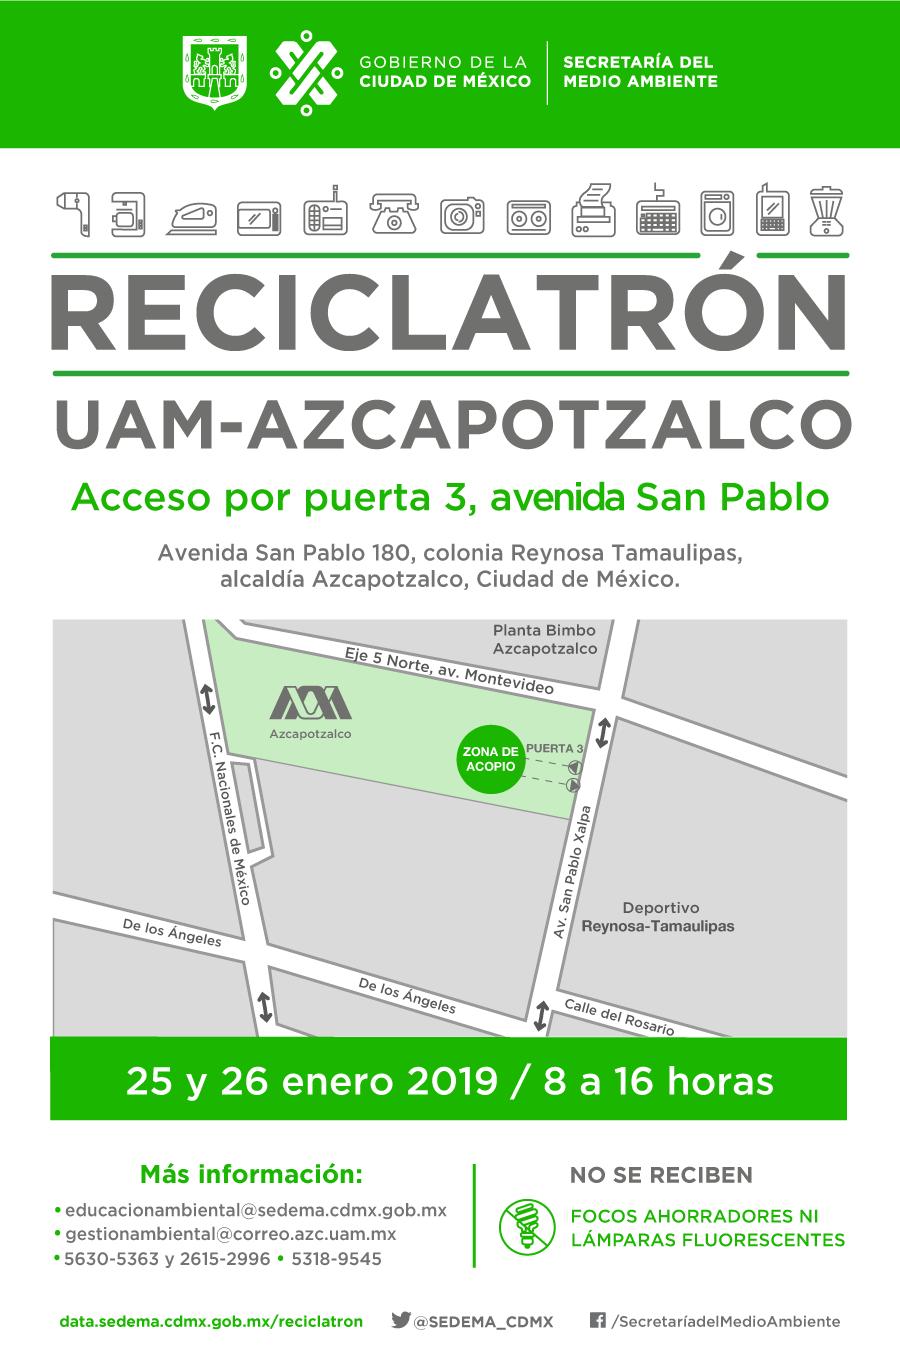 Reciclatrón mapa (1).png